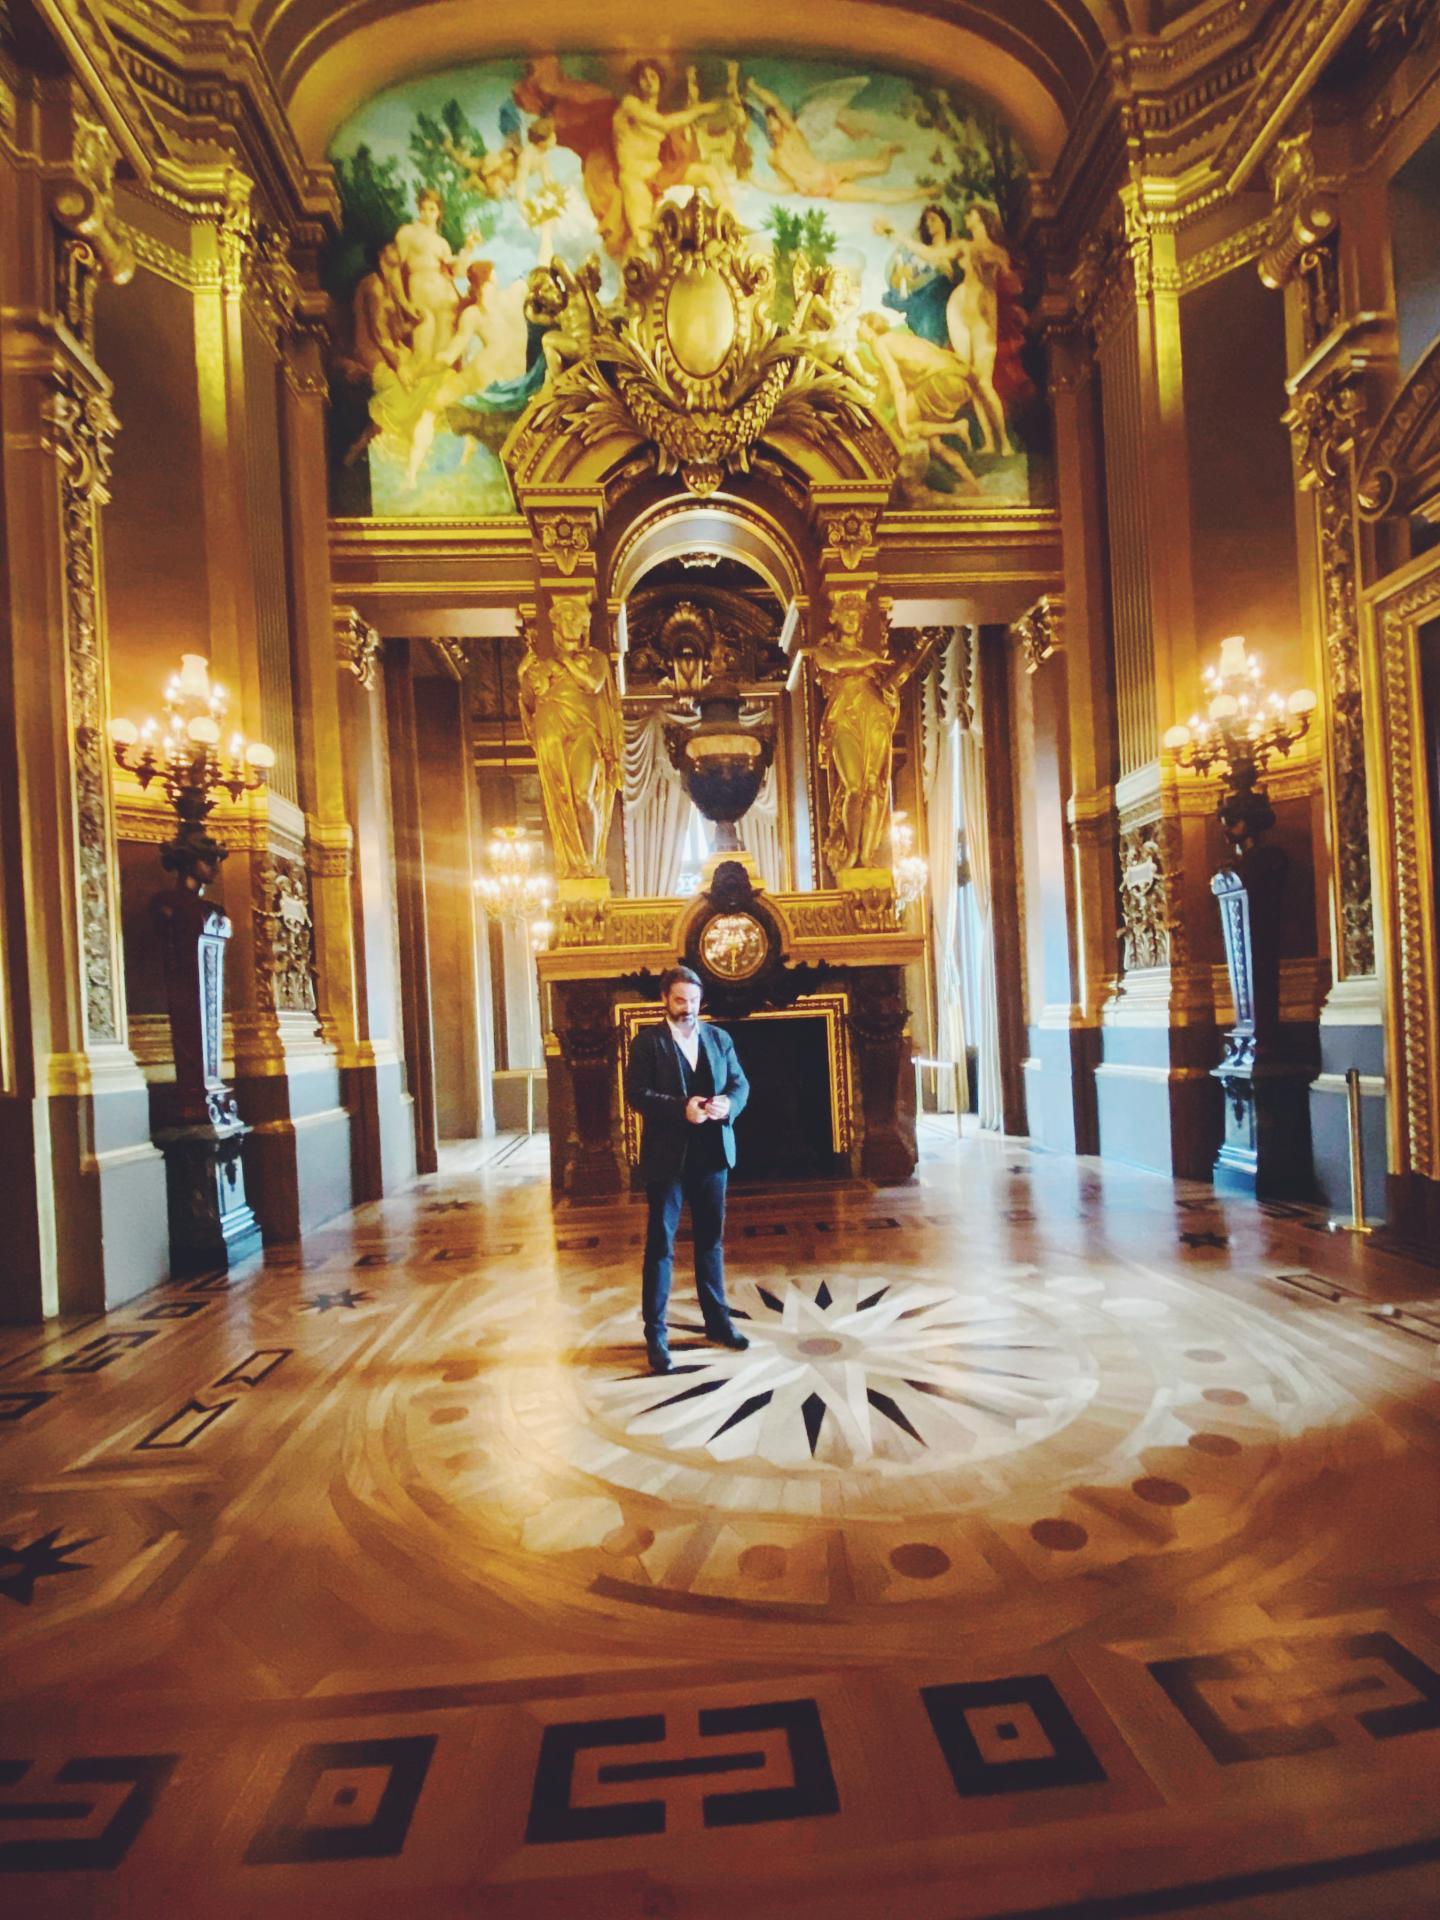 Joachim Murat à l'Opéra Garnier Photo@FredericdeNatal